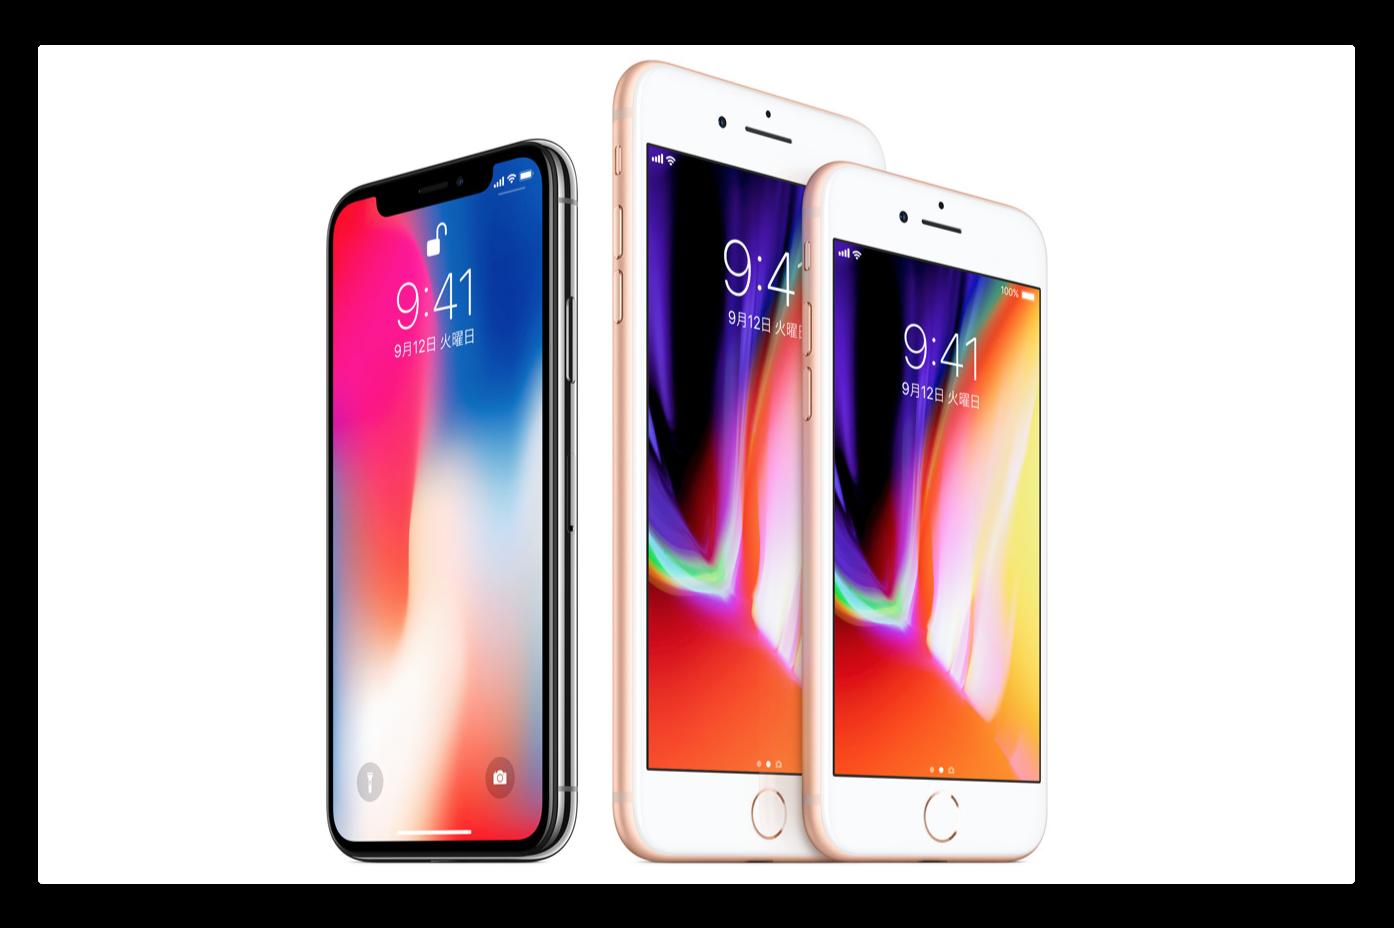 米国のスマートフォンの売上高は前年比11%減の中Appleは16%増